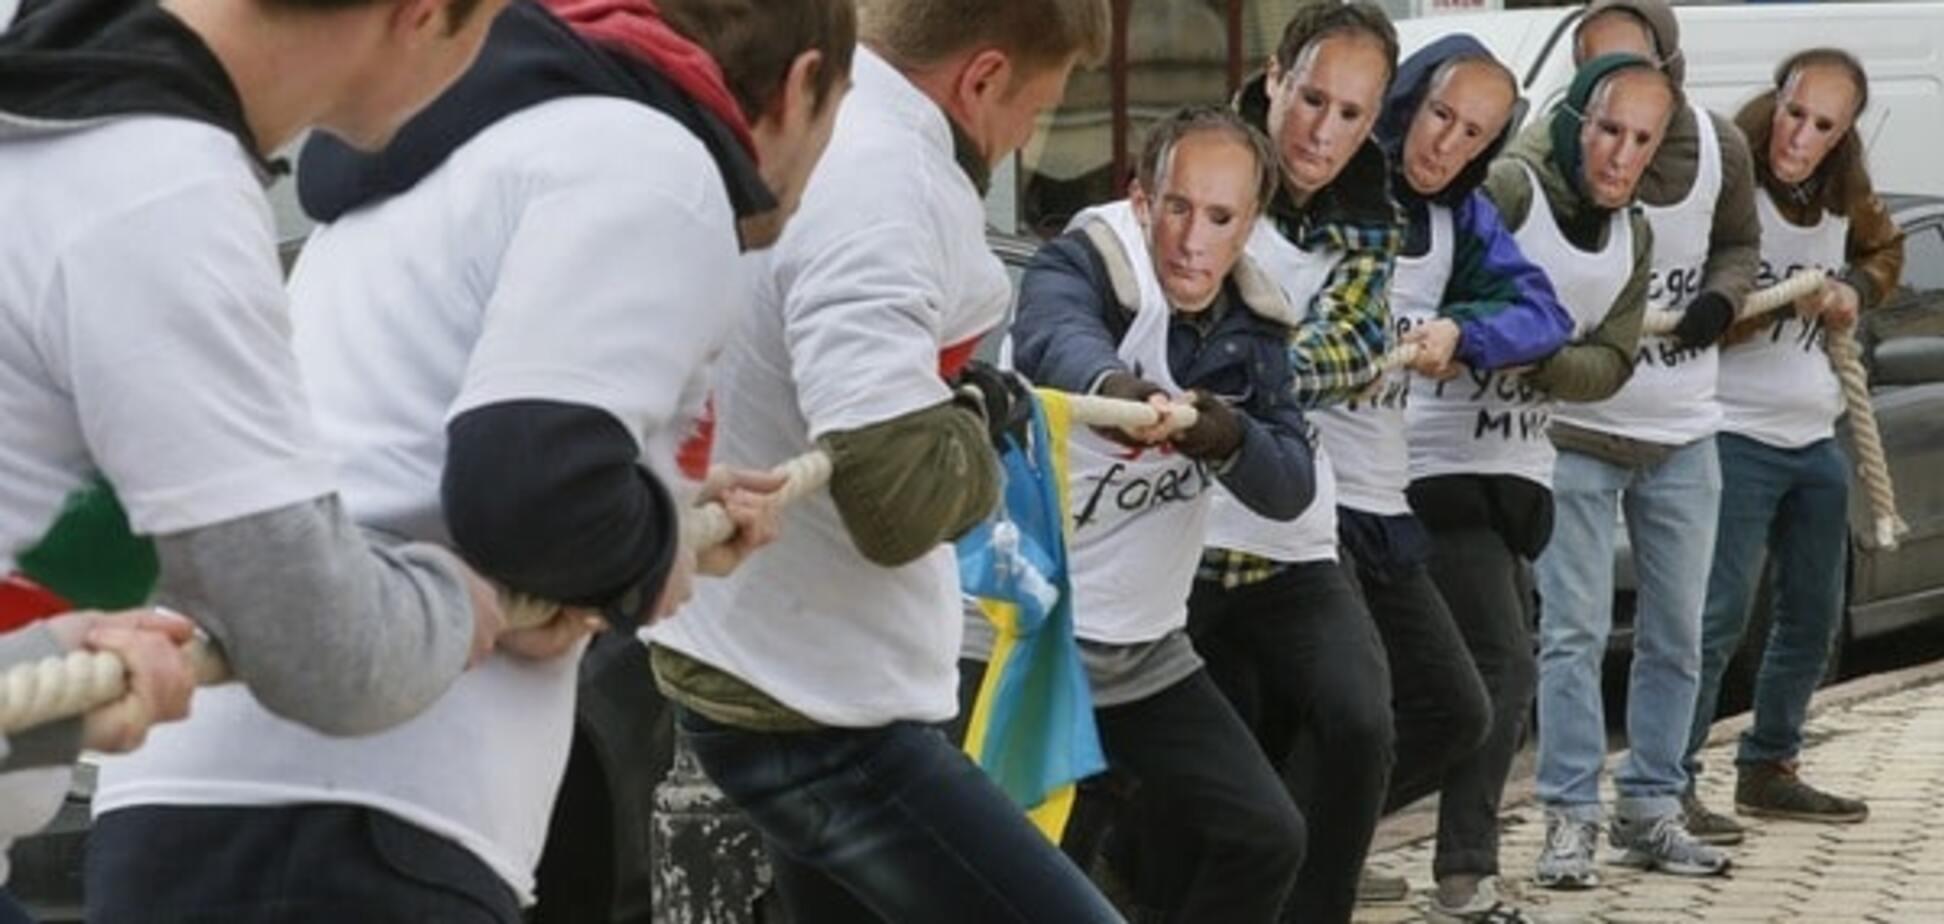 Протест против российской пропаганды